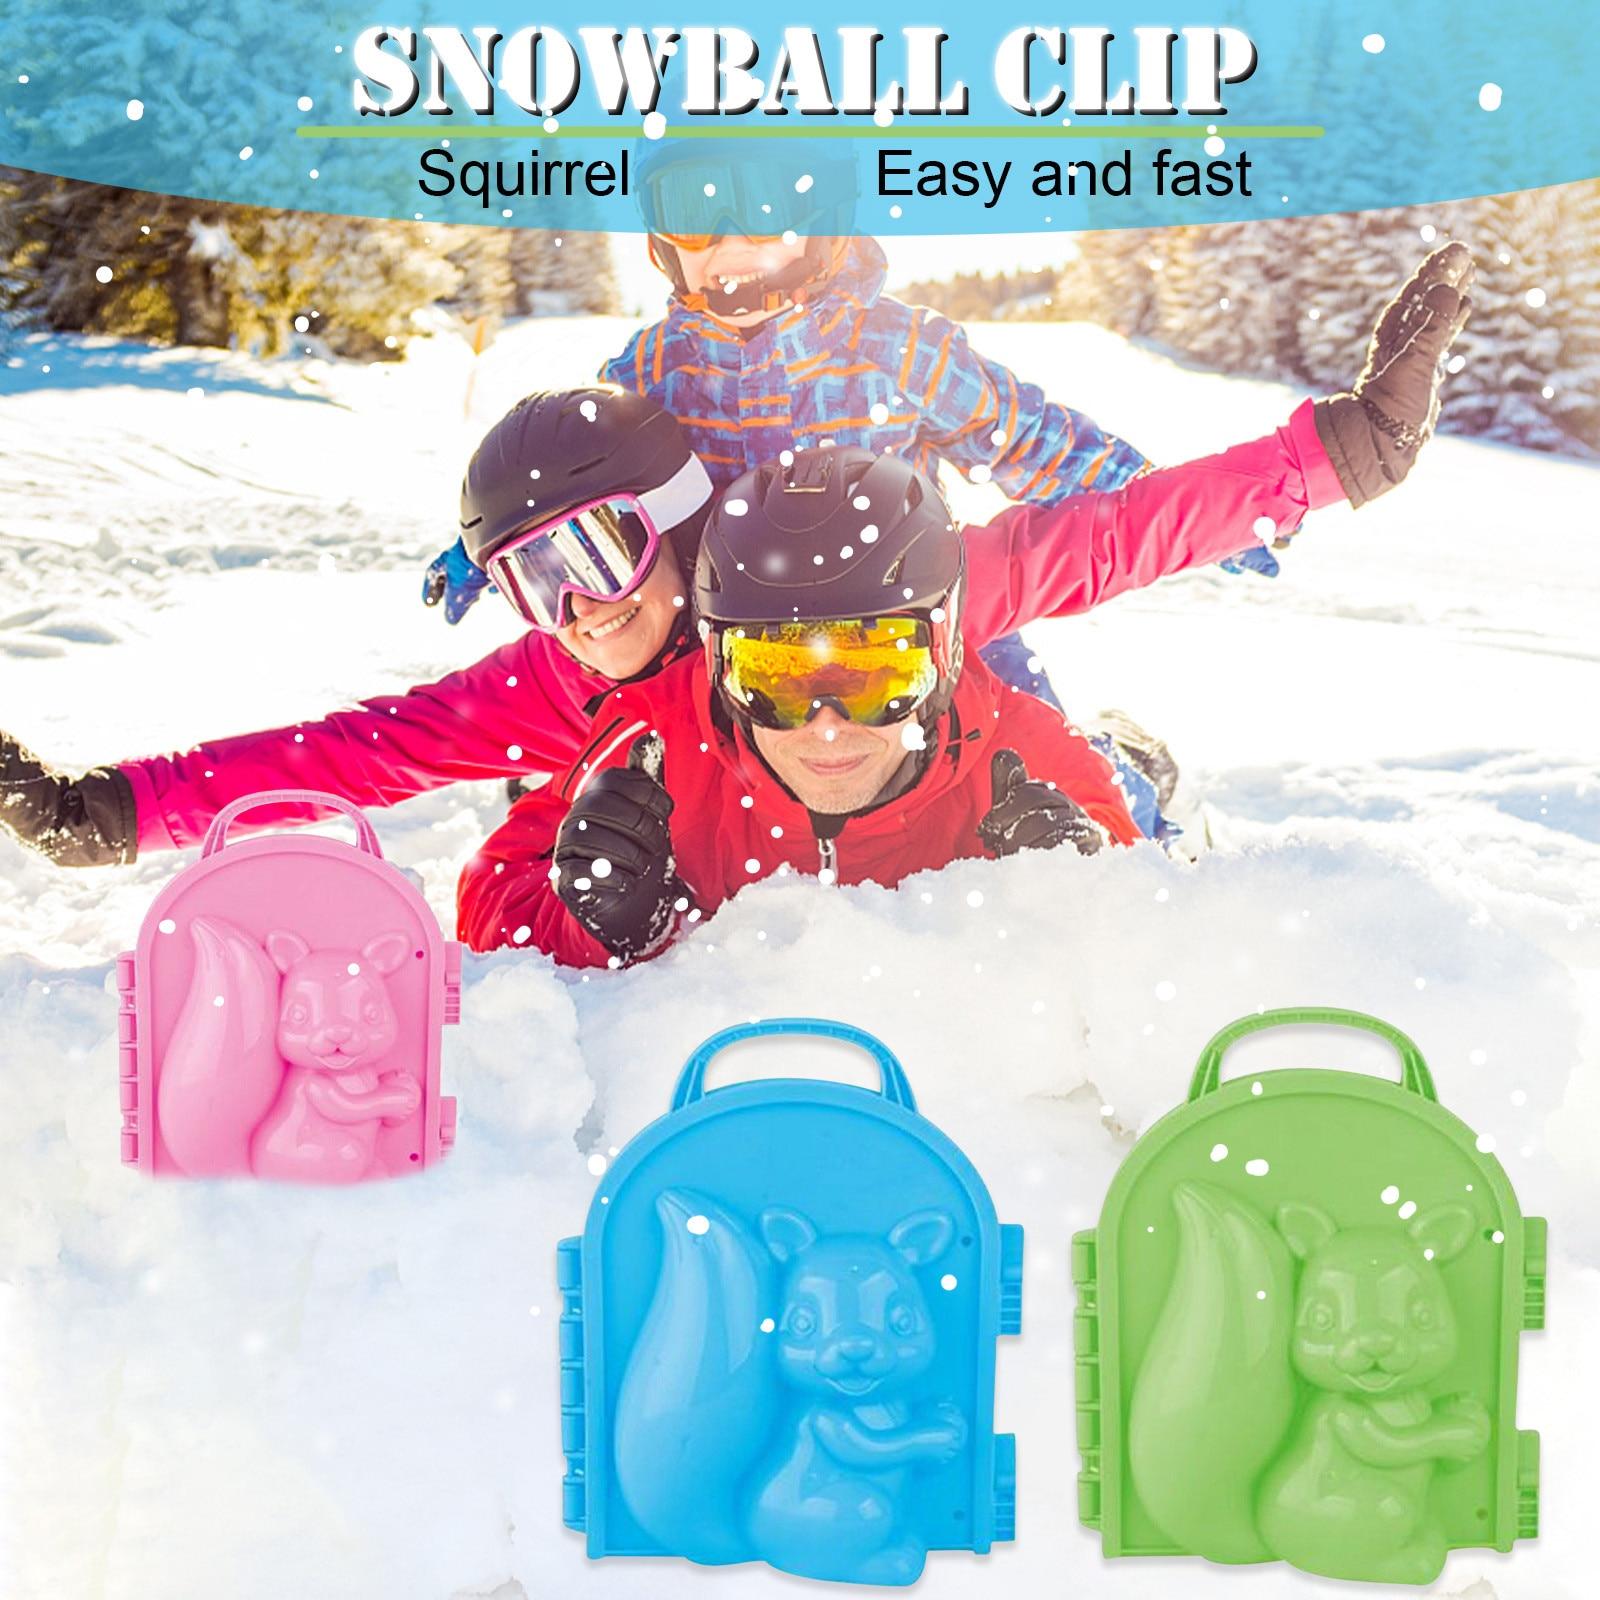 Cartoon-écureuil boule de neige fabricant pince outil hiver Sports de plein air été bord de mer sable moule enfants à la main modèle jouets Jouet